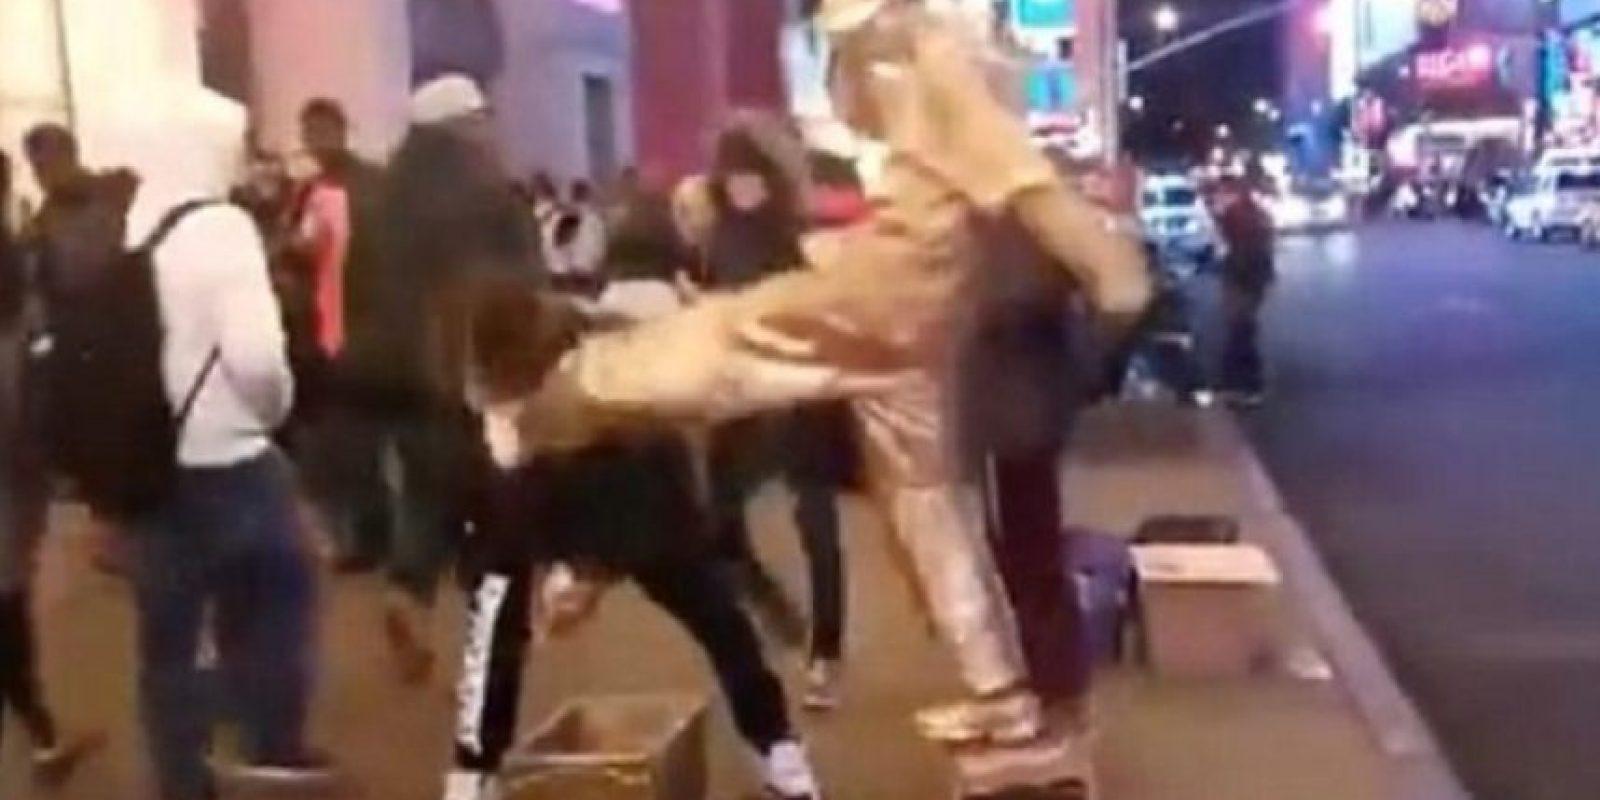 """El video, subido por Jason King, fue titulado: """"Lo que sucedió fuera de #McDonaldsTimesSquare"""". Foto:Youtube/Jason King"""